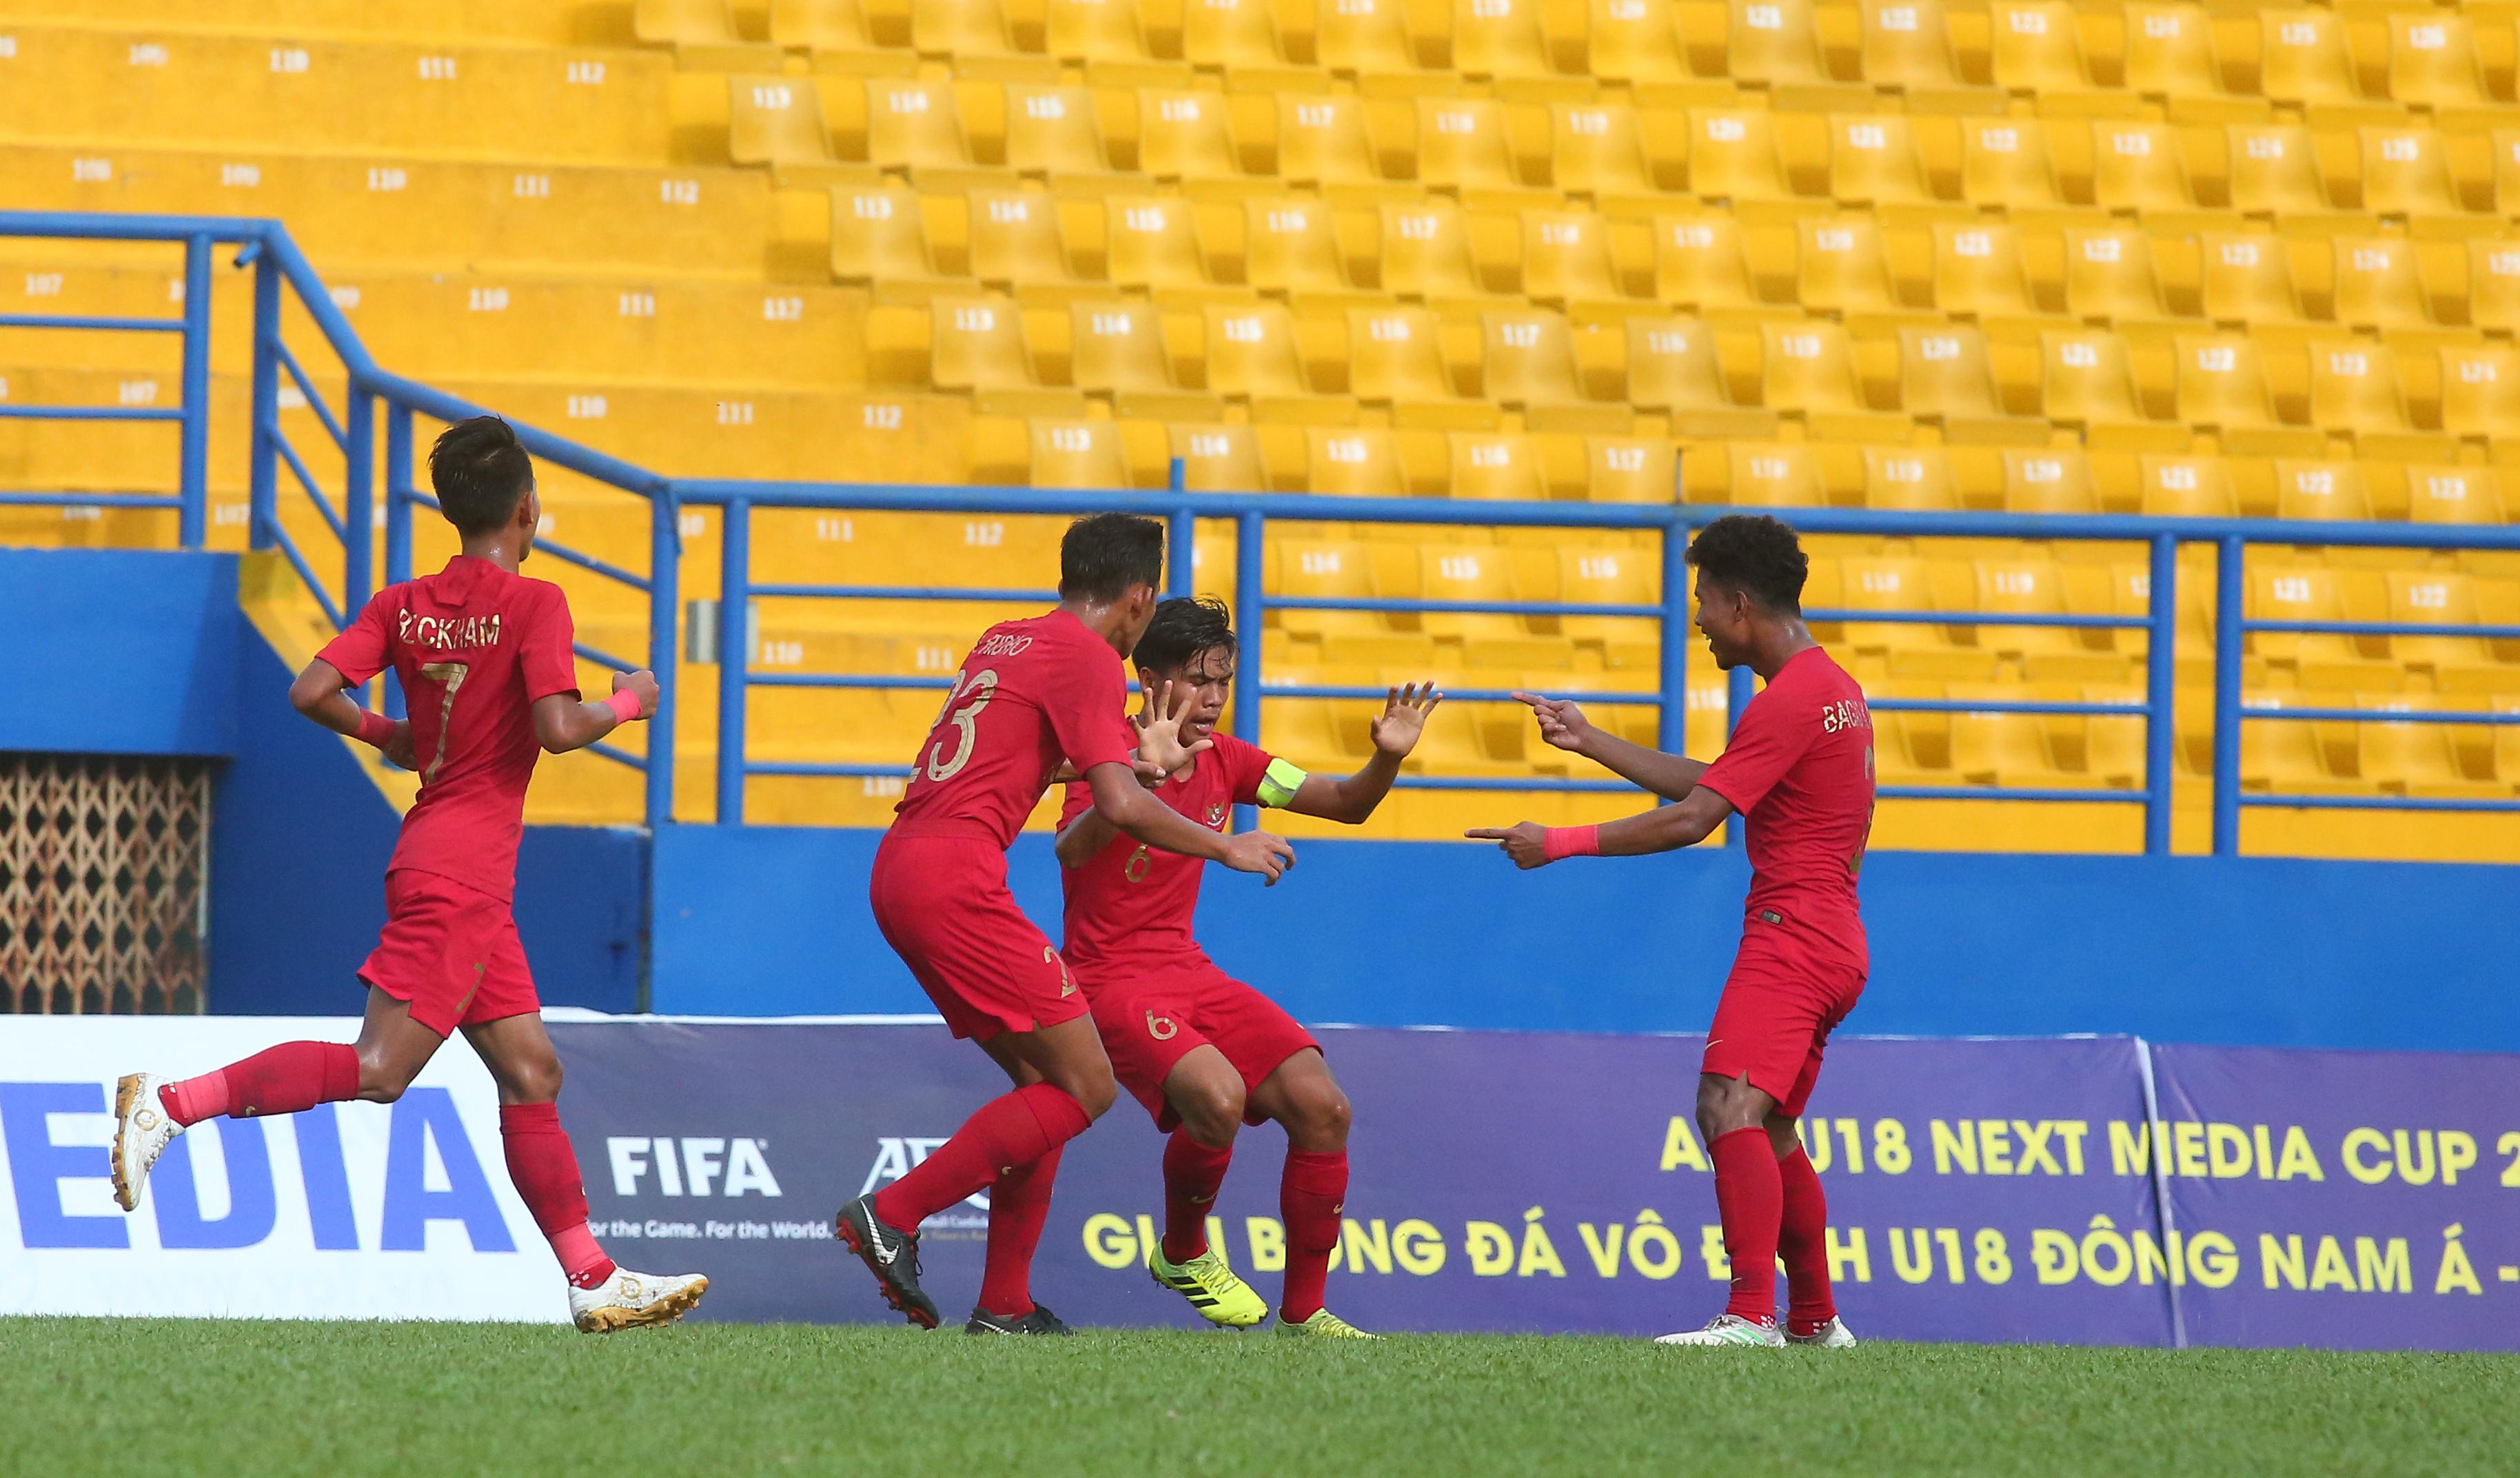 U18 Đông Nam Á 2019: Indonesia toàn thắng, Lào có 3 điểm đầu tiên - Bóng Đá